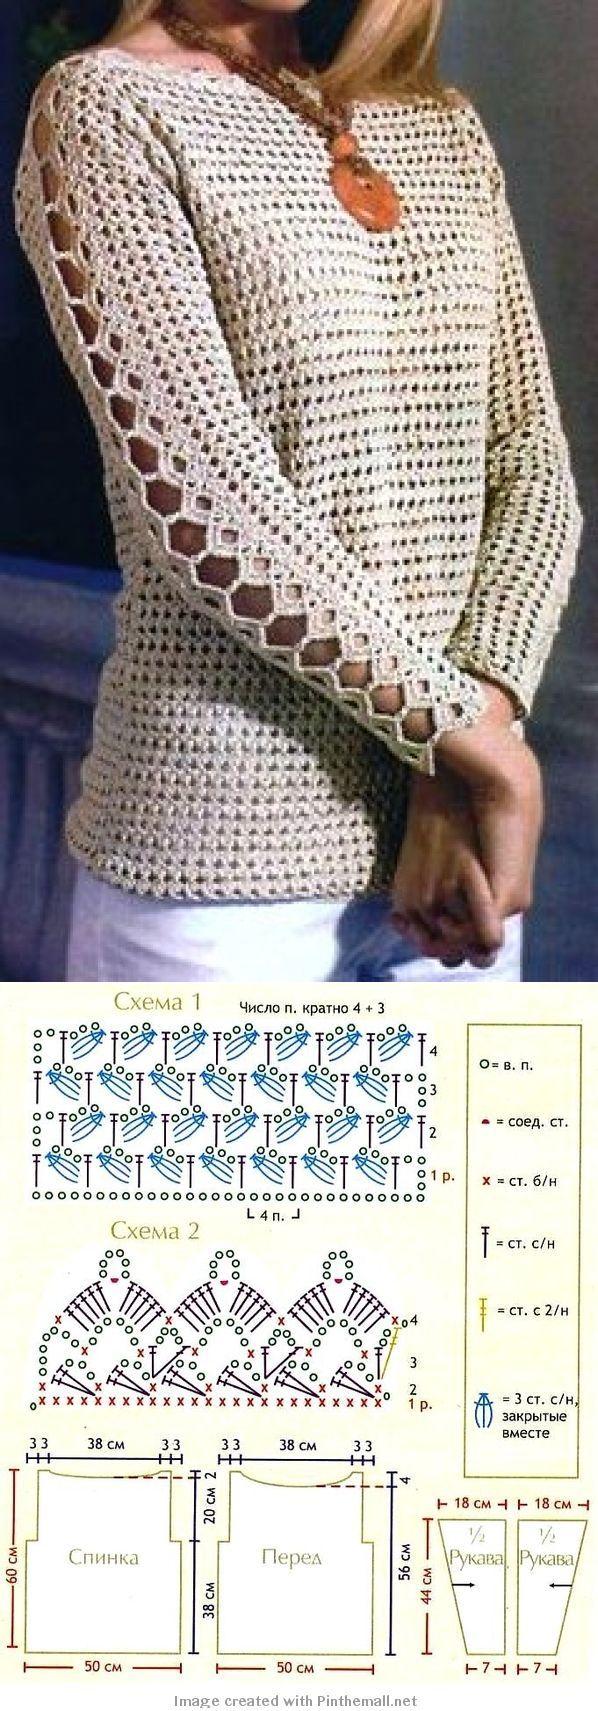 Crochet Top - Free Crochet Diagram - (stylowi)